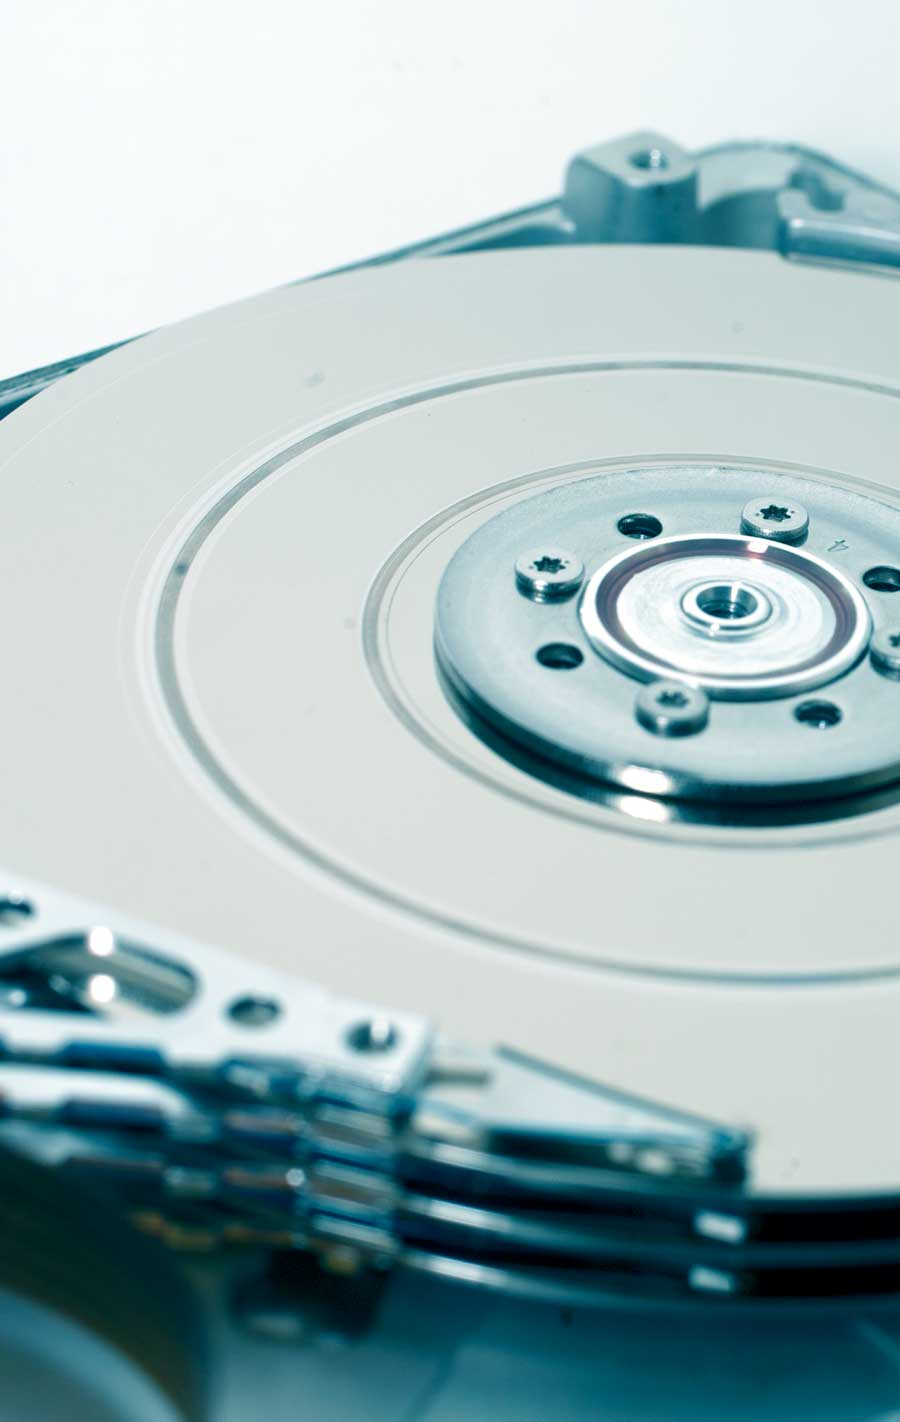 Mechanical failure of an HDD can cause a head crash.